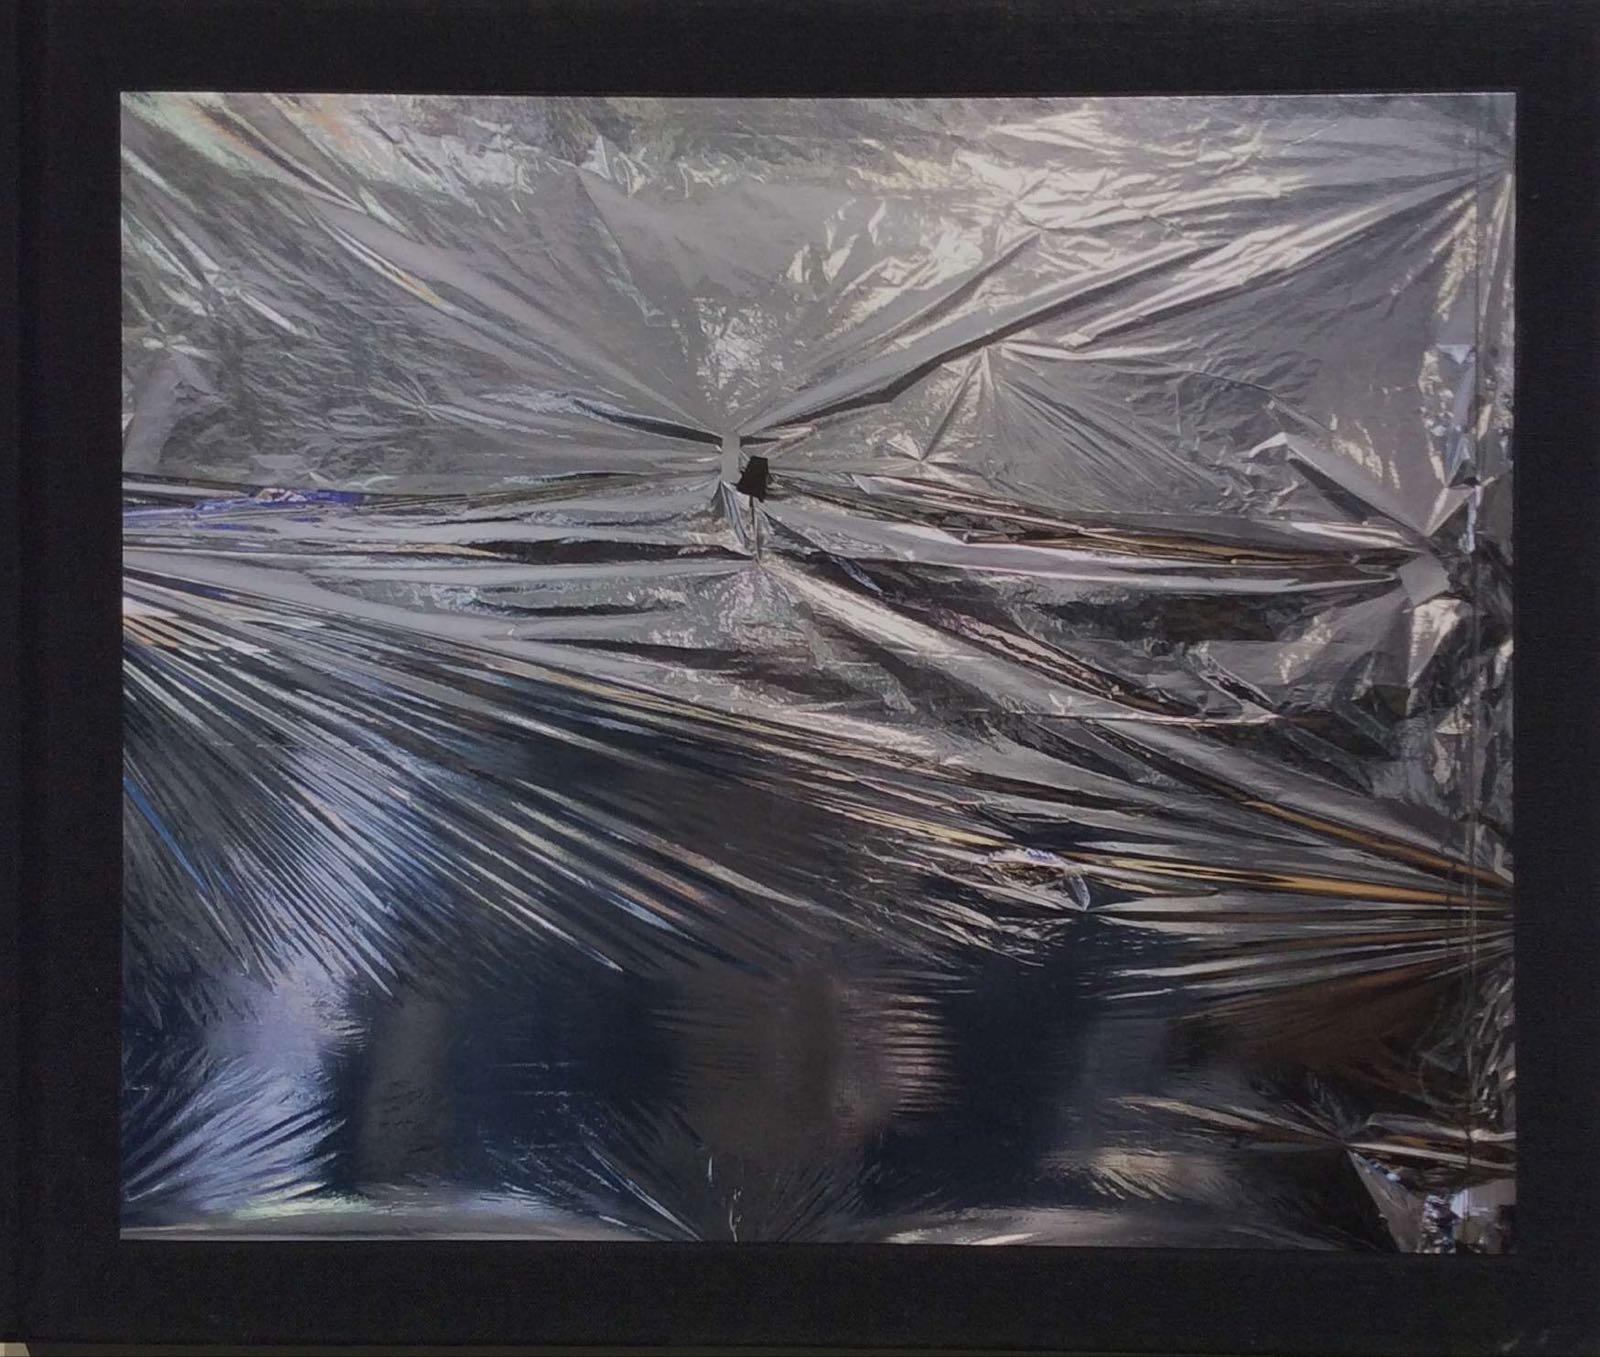 Eloy, Gregoire. A Black Matter